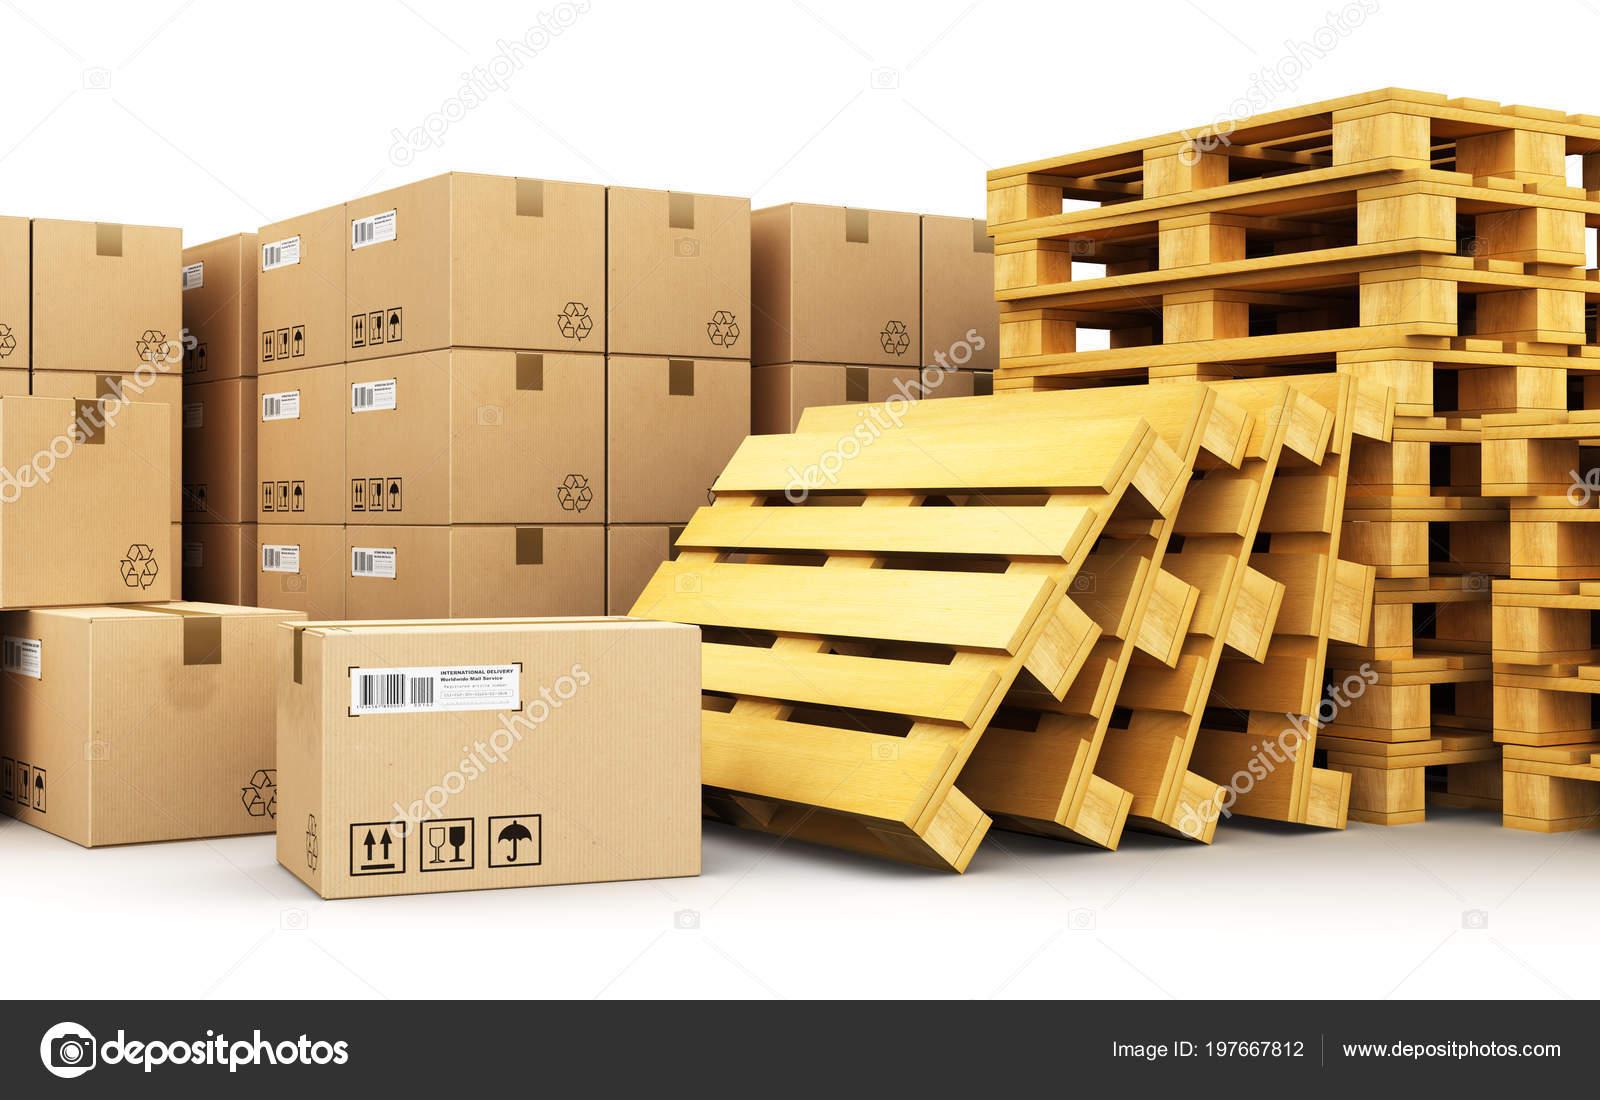 Kendi şeyler için depo kutusu